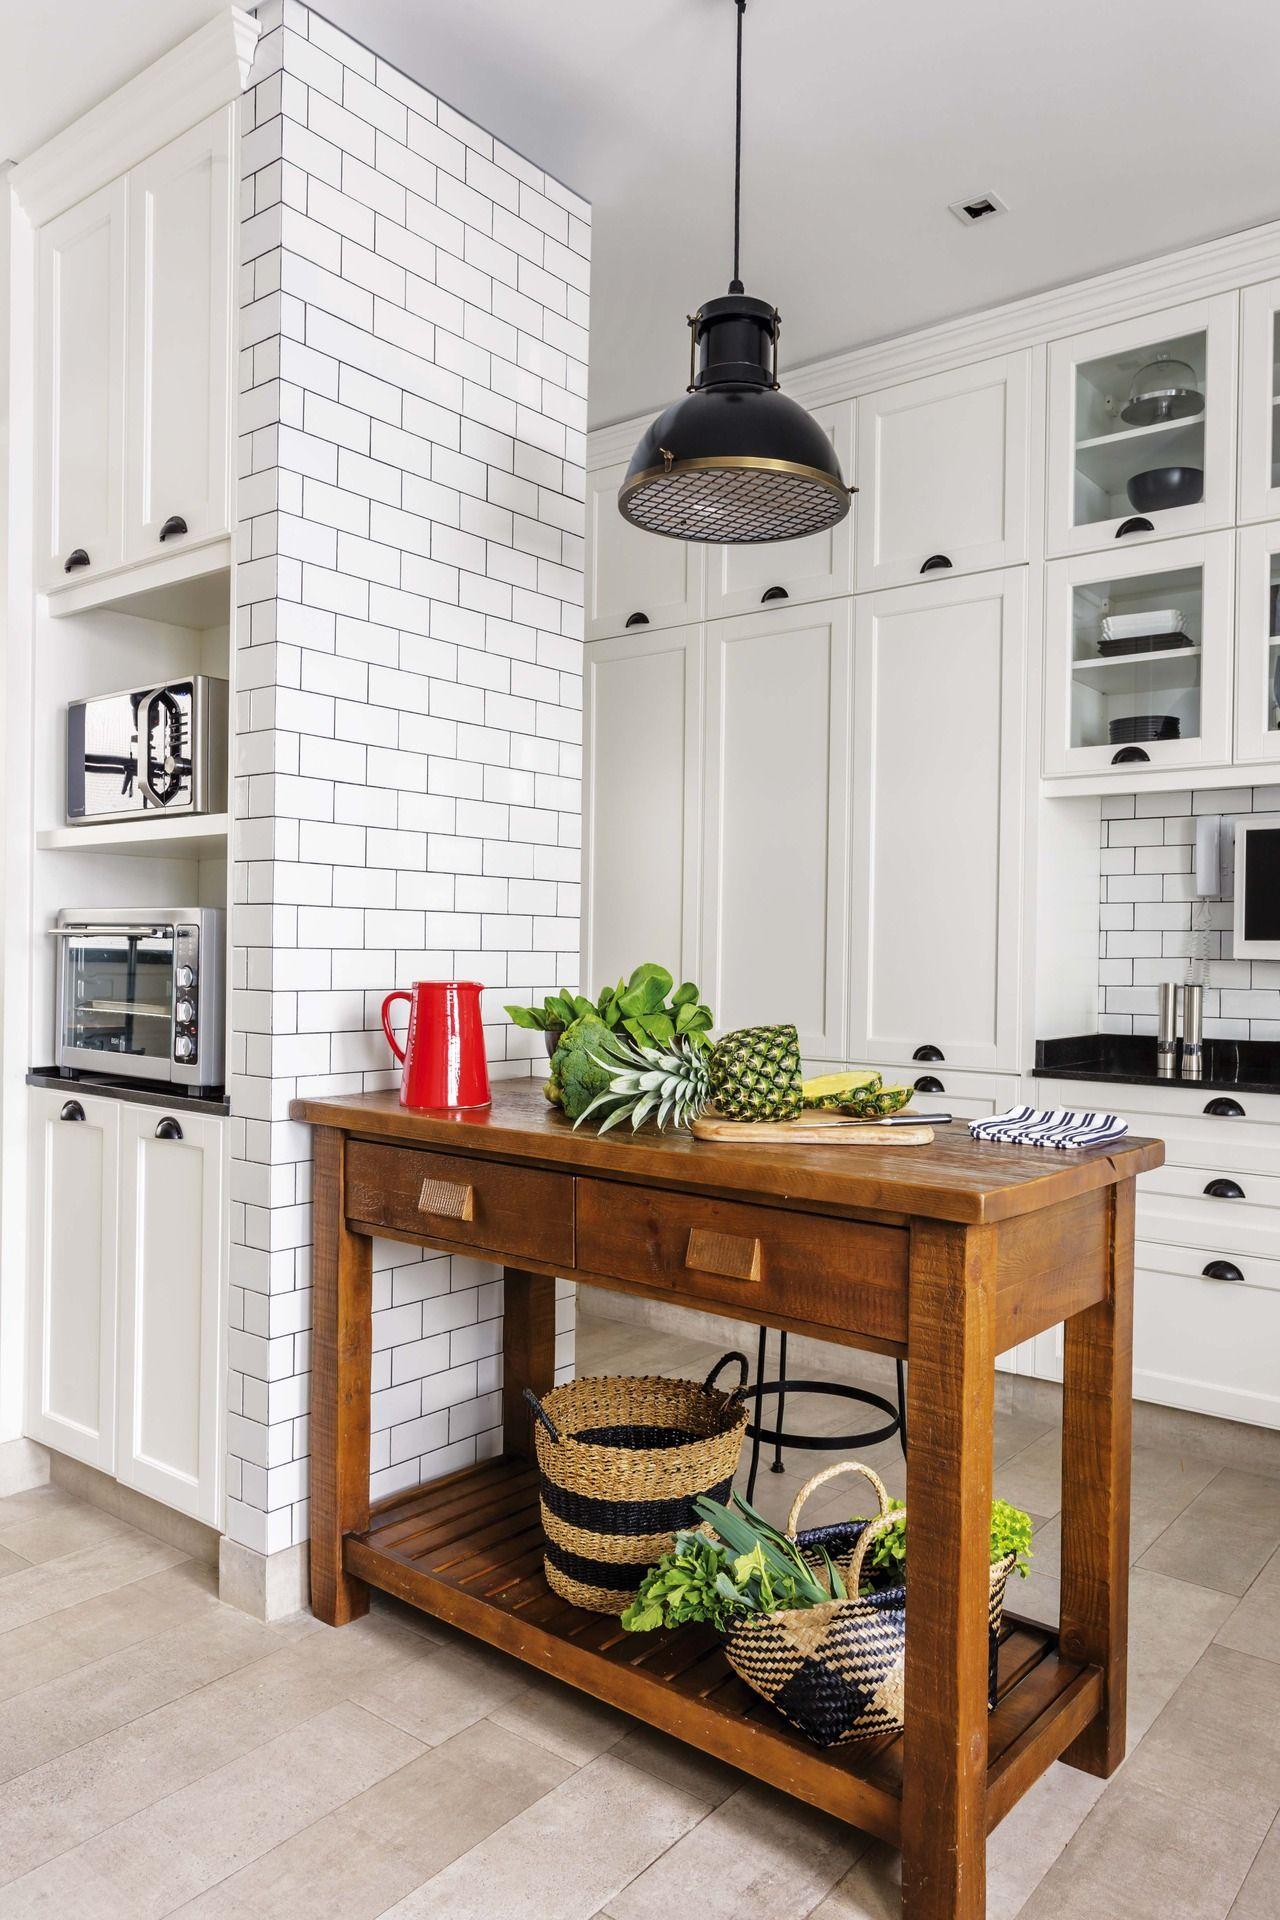 Una cocina con subway tiles y carpinter a de hierro - Islas de cocina moviles ...